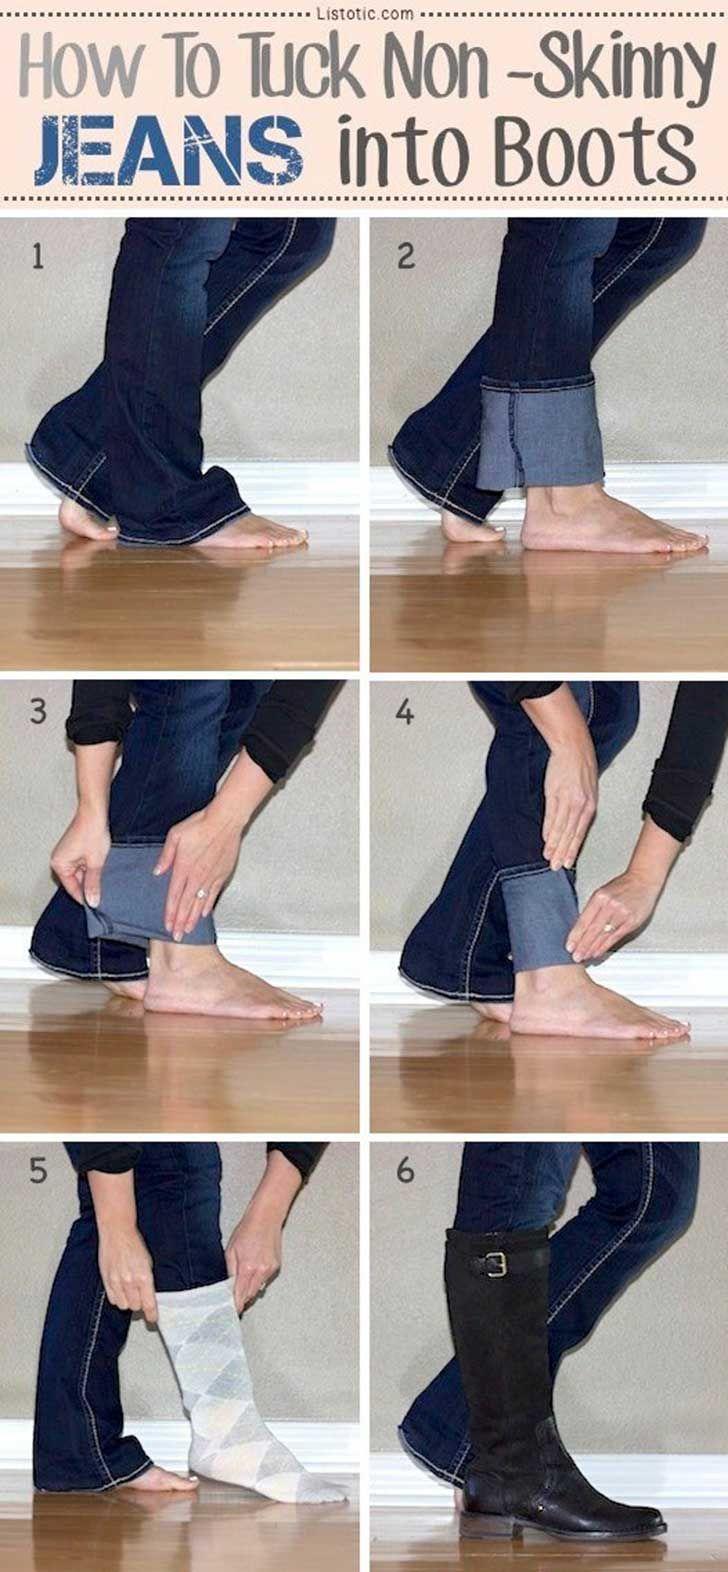 Cómo doblar pantalones para meter en las botas